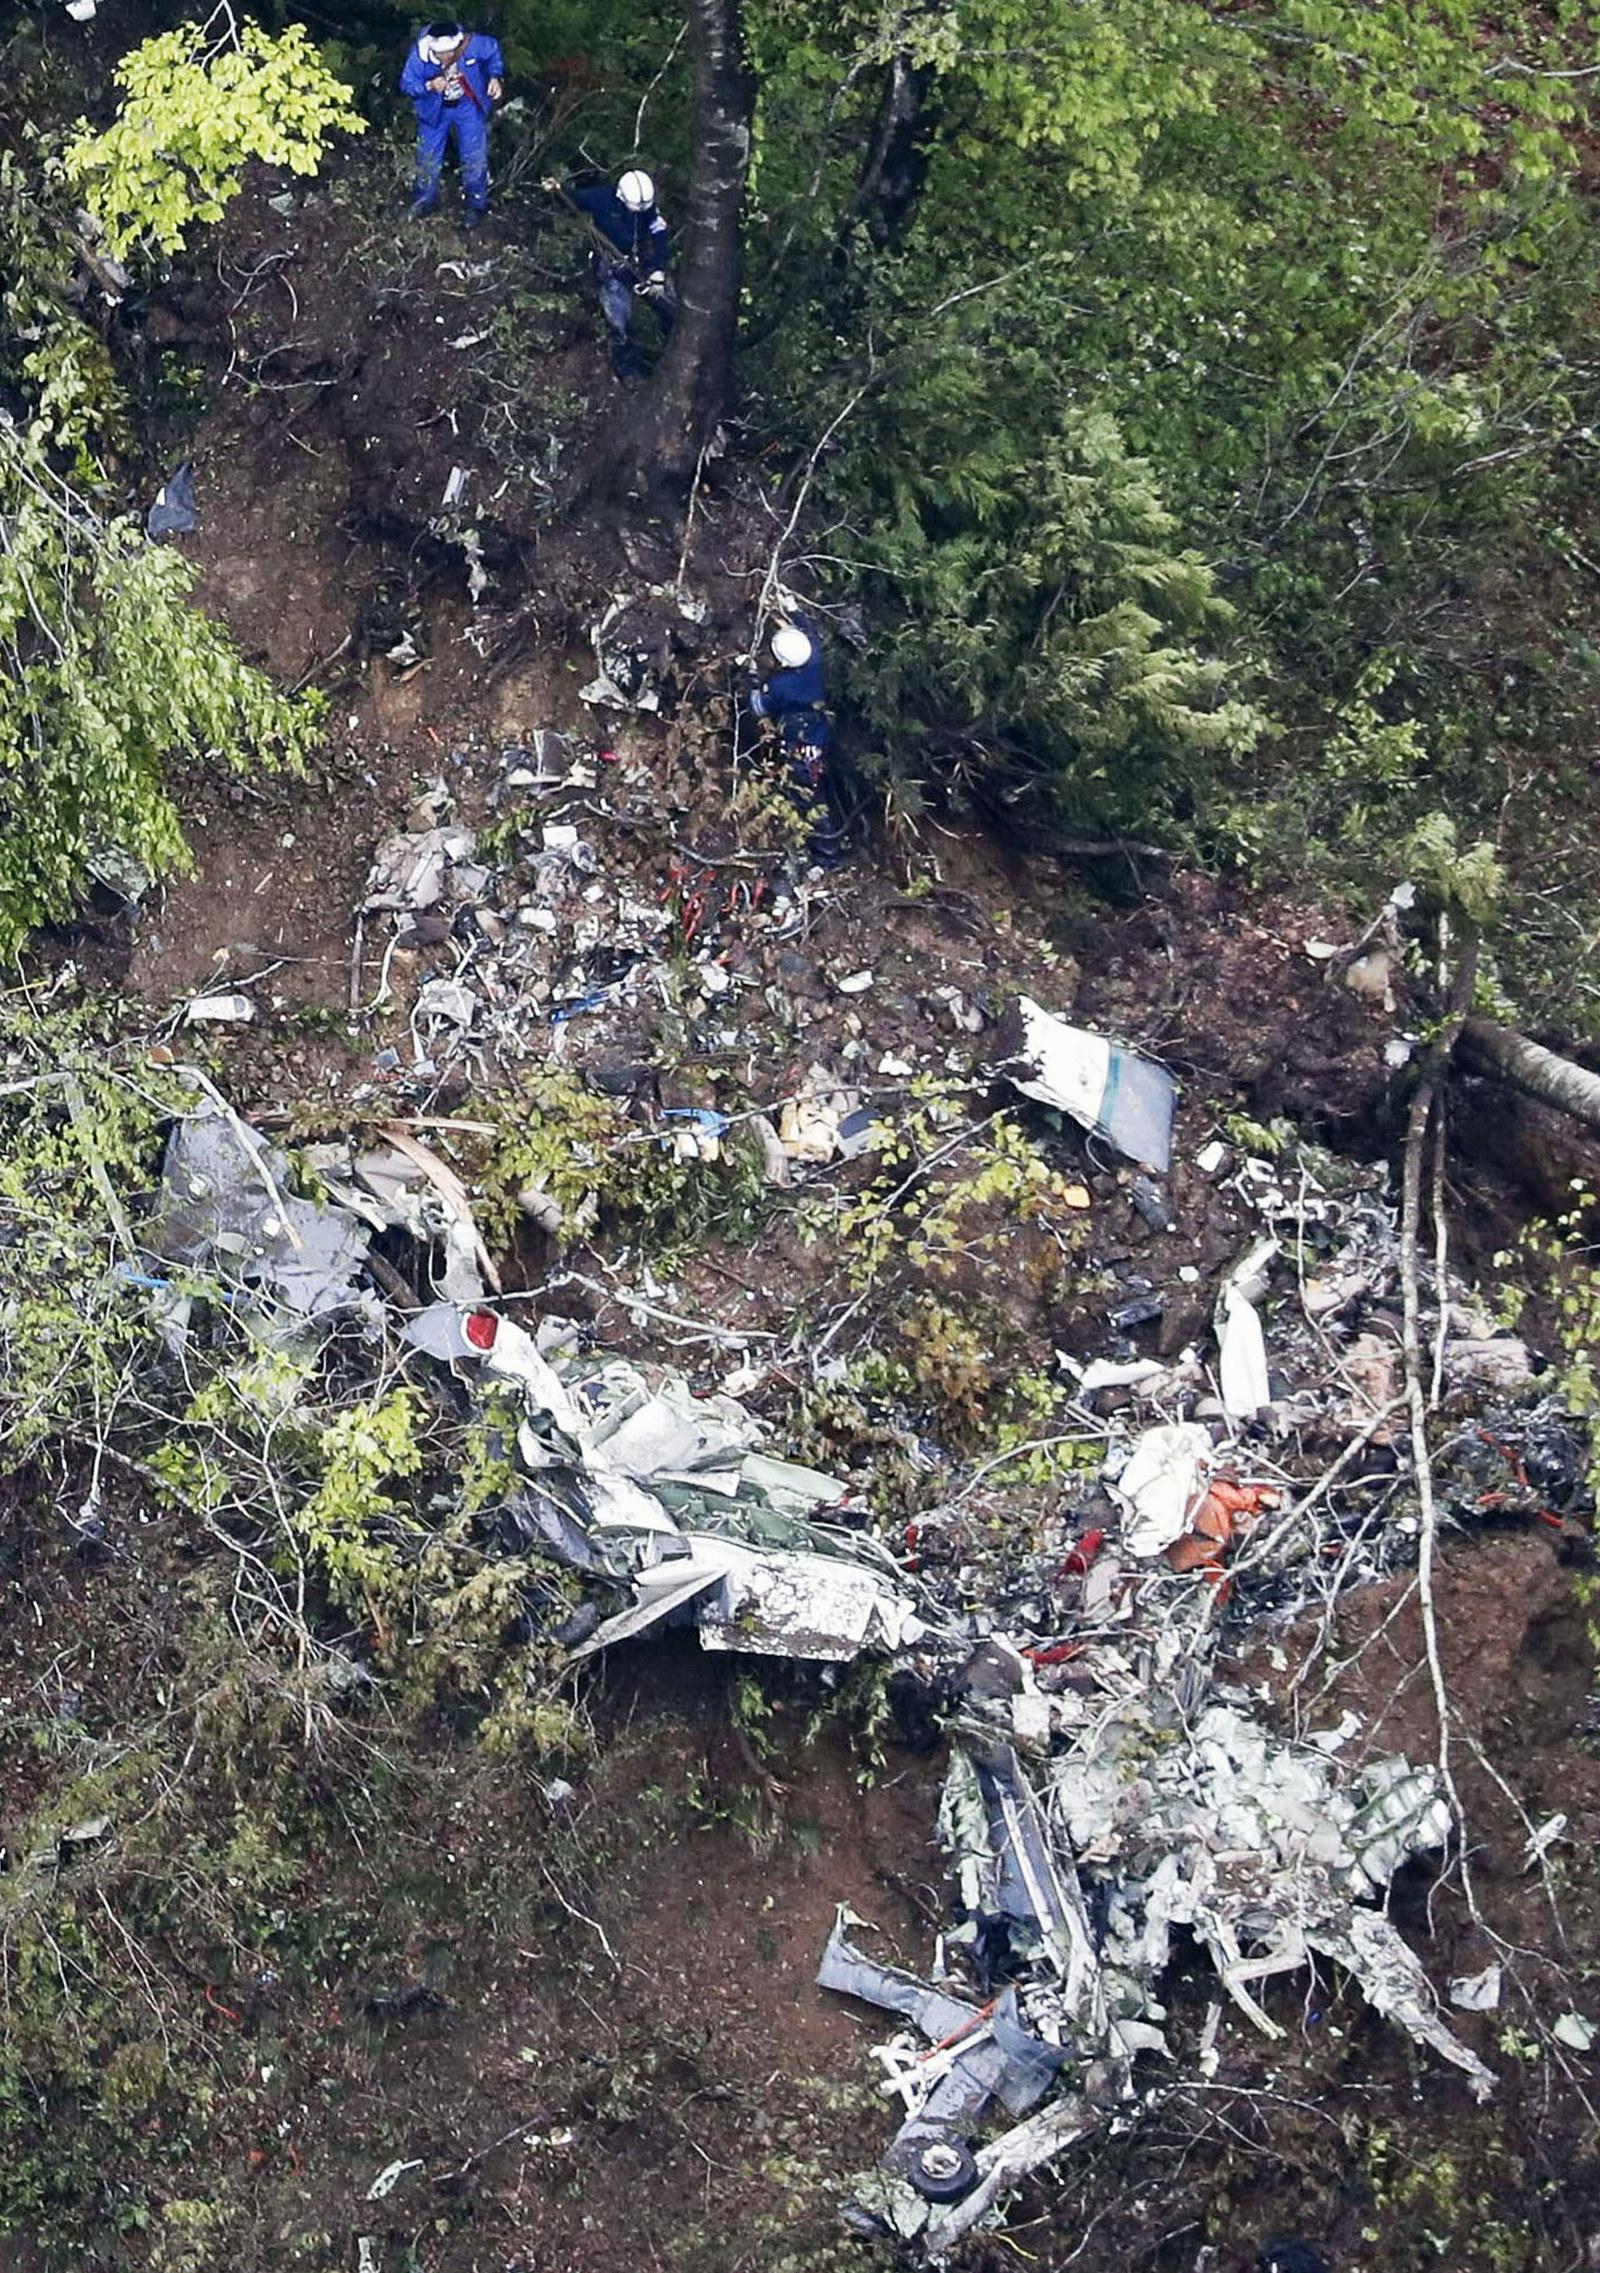 災害派遣中に起きた墜落事故。自衛隊で一番多い派遣任務、知っていますか?